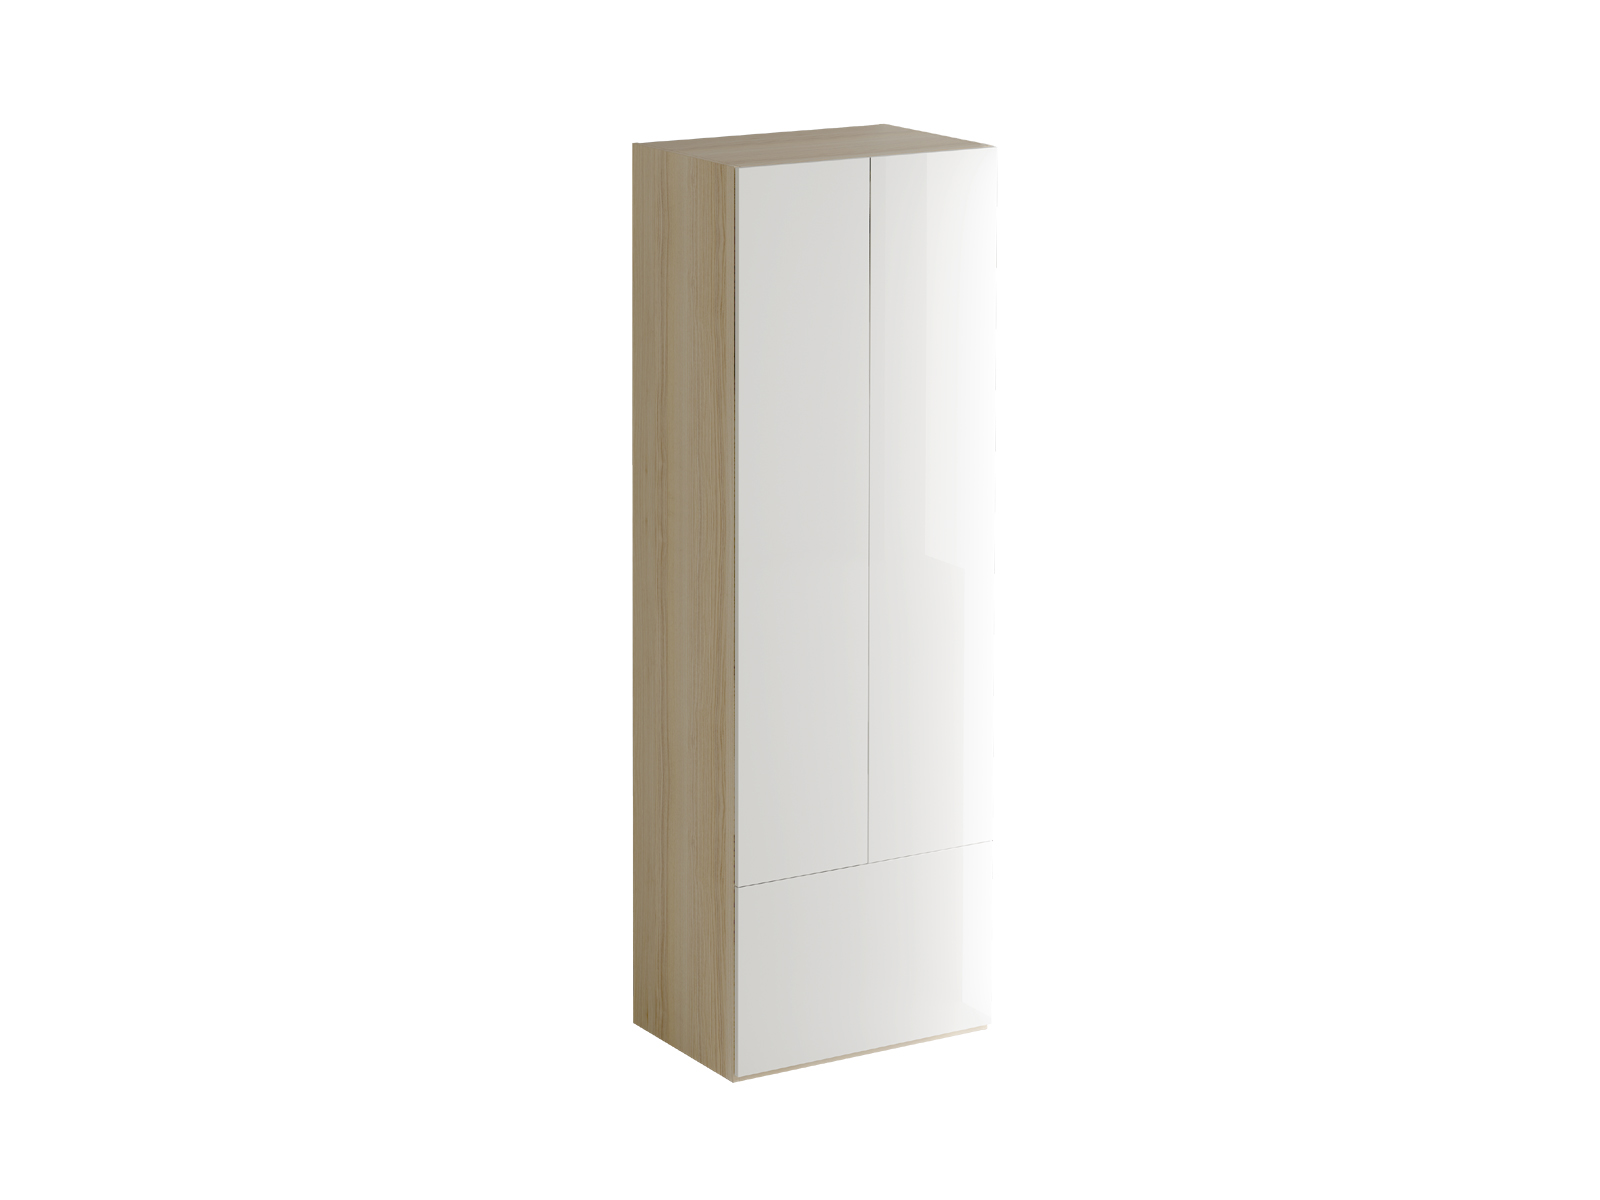 Шкаф PassageПлатяные шкафы<br>Шкаф двухдверный. В верхней части за распашными дверцами расположено отделение со штангой для хранения одежды и крючками. В нижнем отделении за откидной дверцей расположена полка.<br><br>Material: ДСП<br>Ширина см: 70<br>Высота см: 210<br>Глубина см: 48